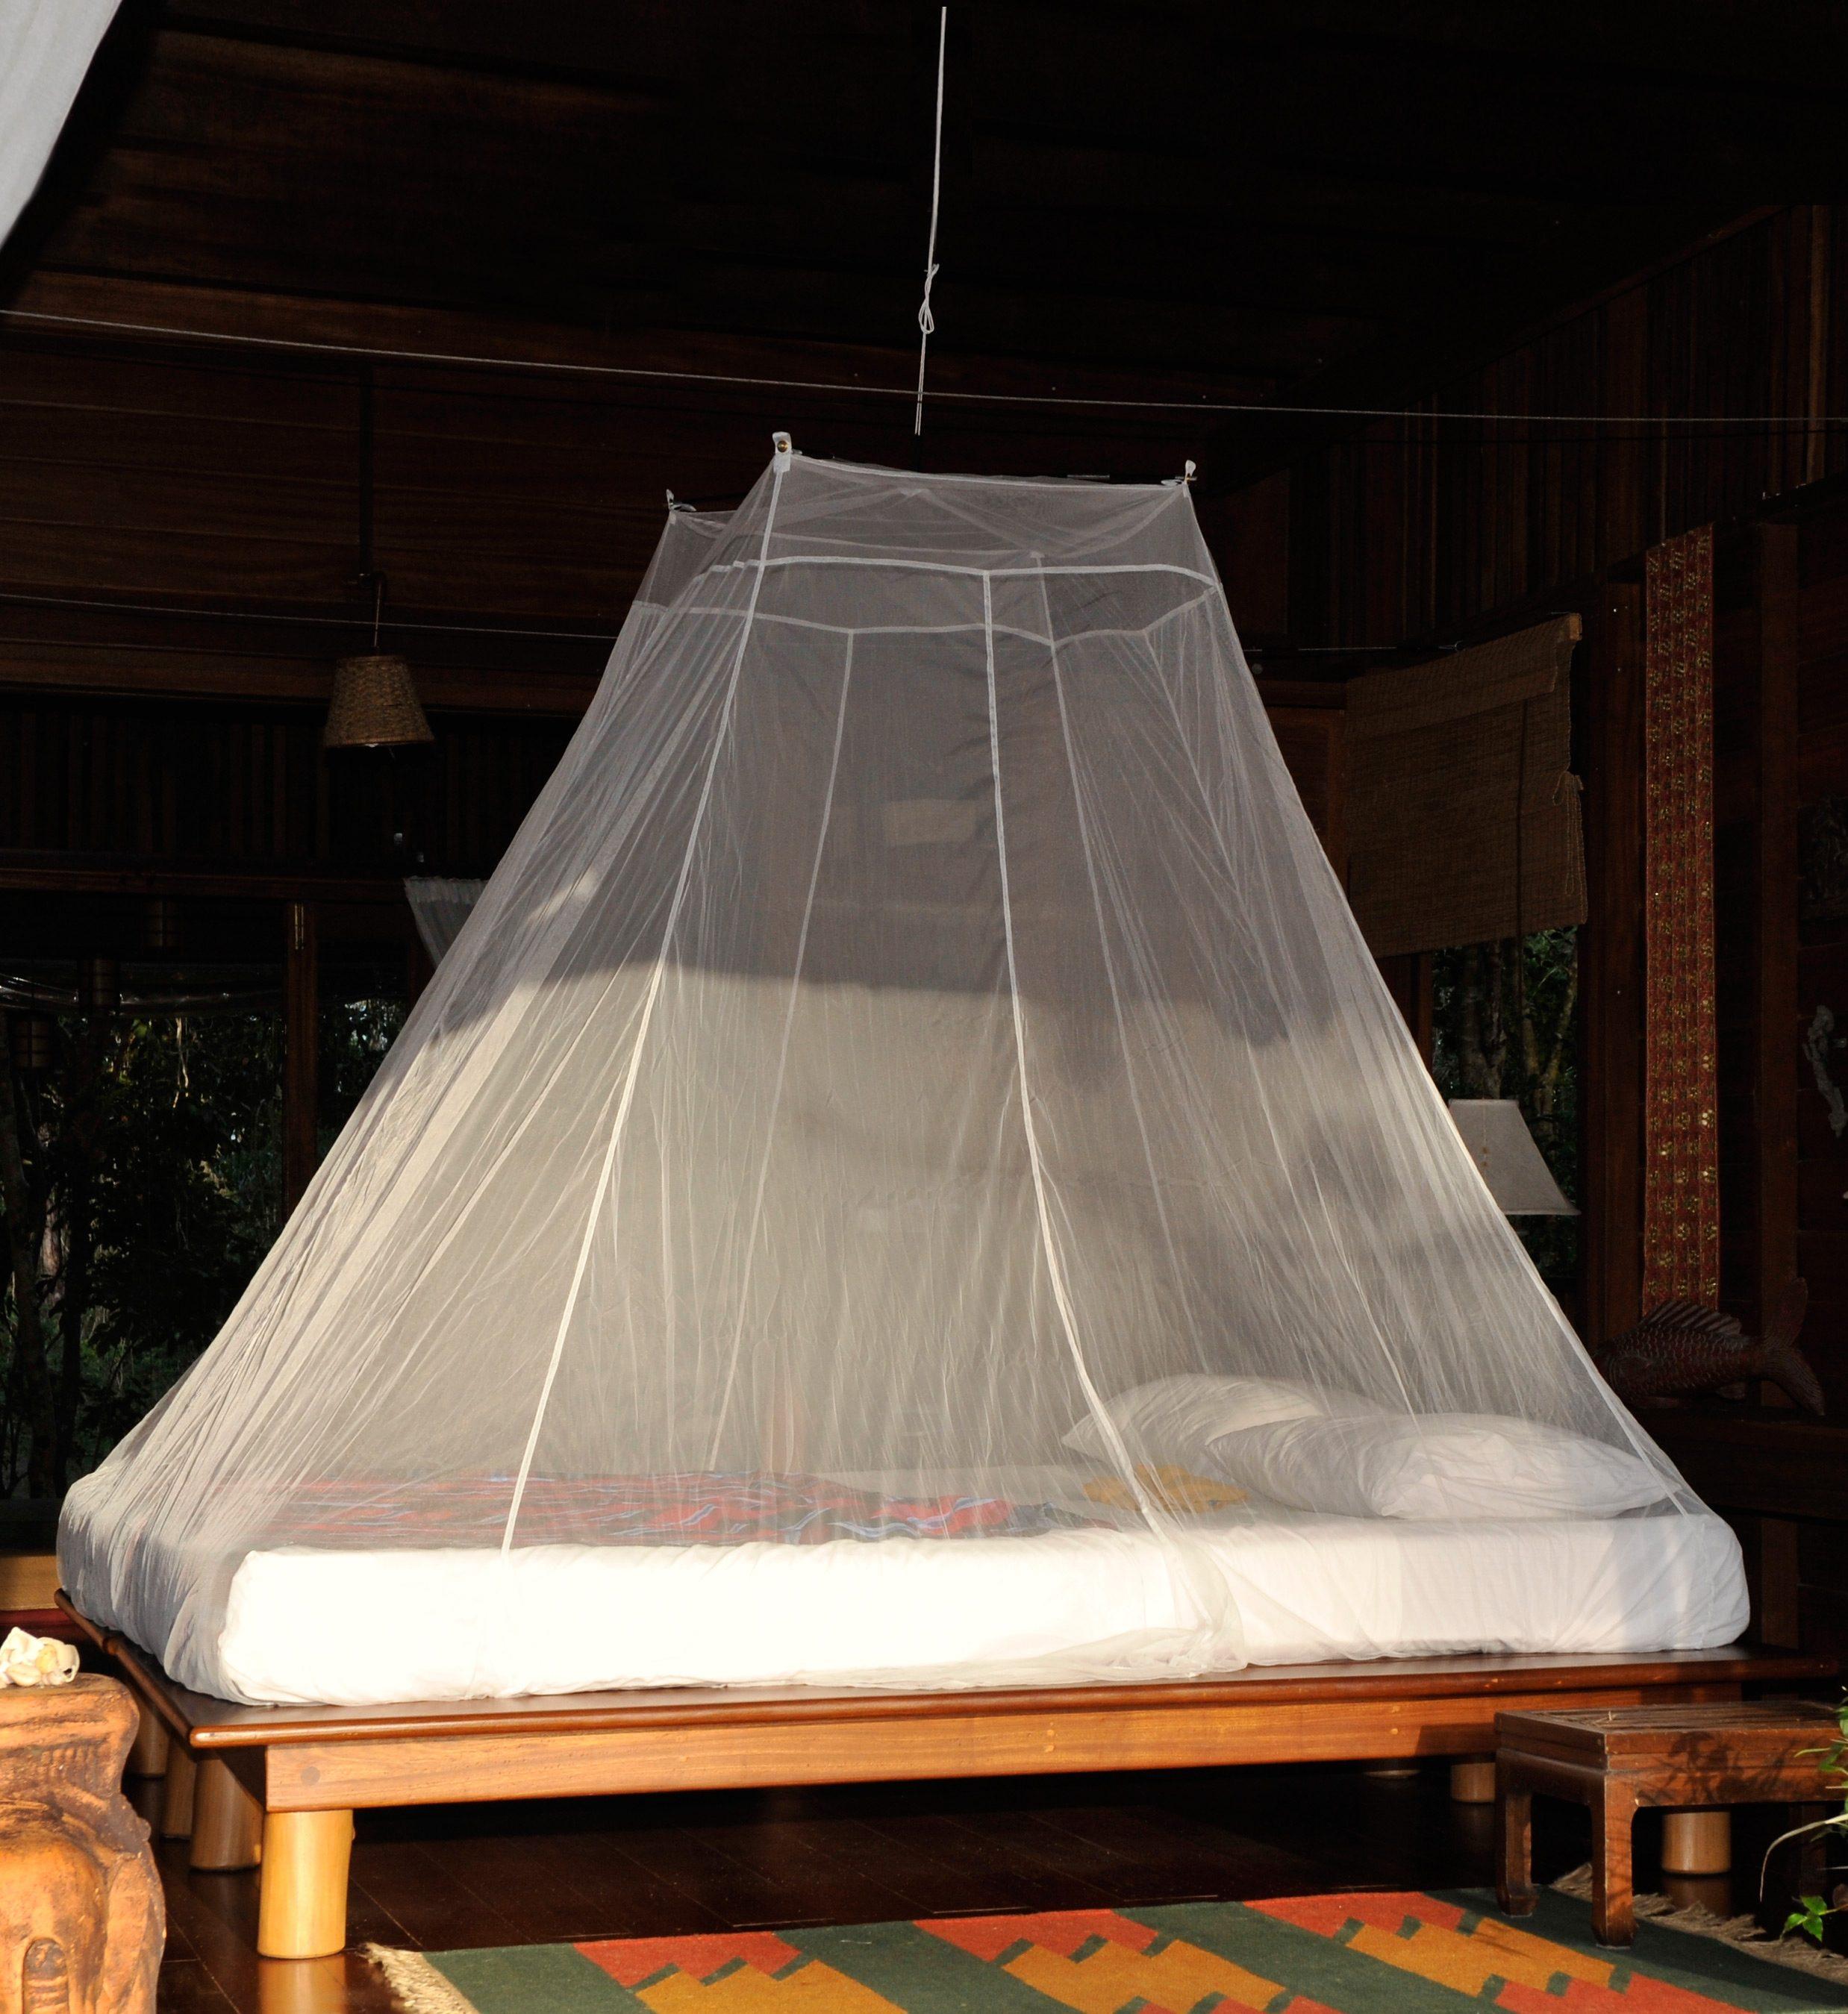 Cocoon Zeltzubehör »Cocoon Mosquito Travel Net Double«